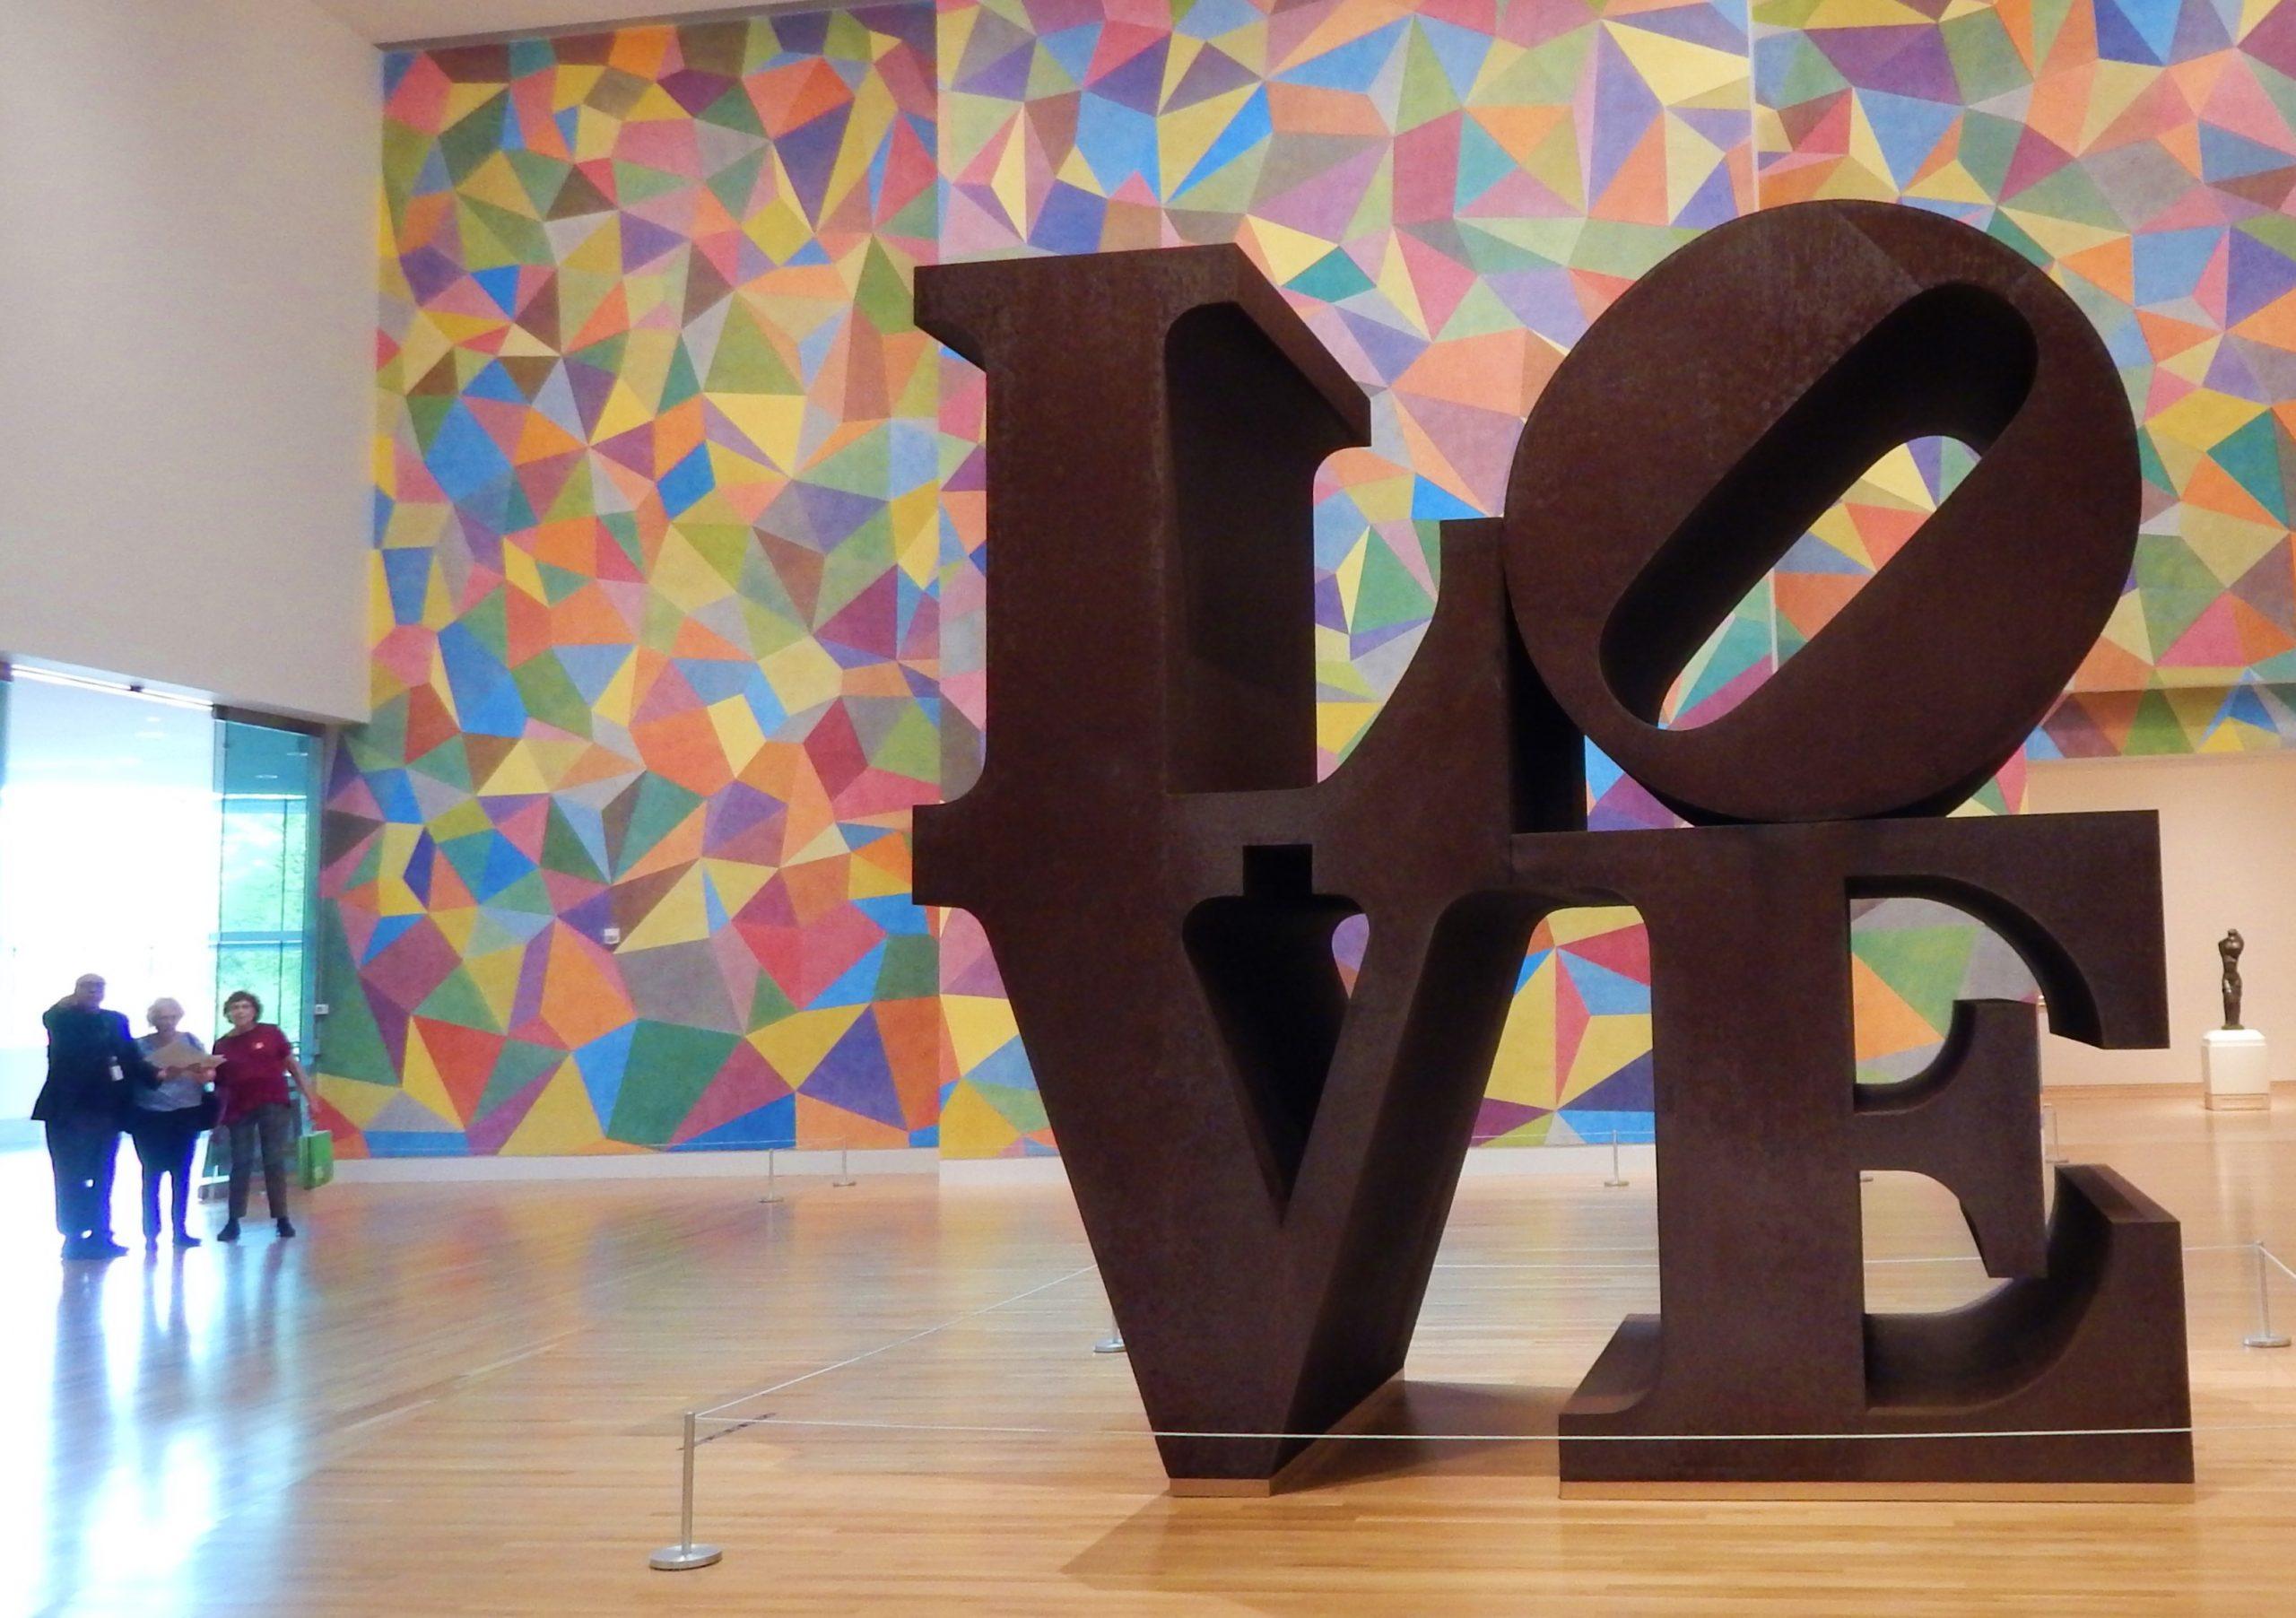 Robert Indiana's <i>Love</i> (1970), backed by Sol LeWitt's wall painting <i>#652</i> at IMA